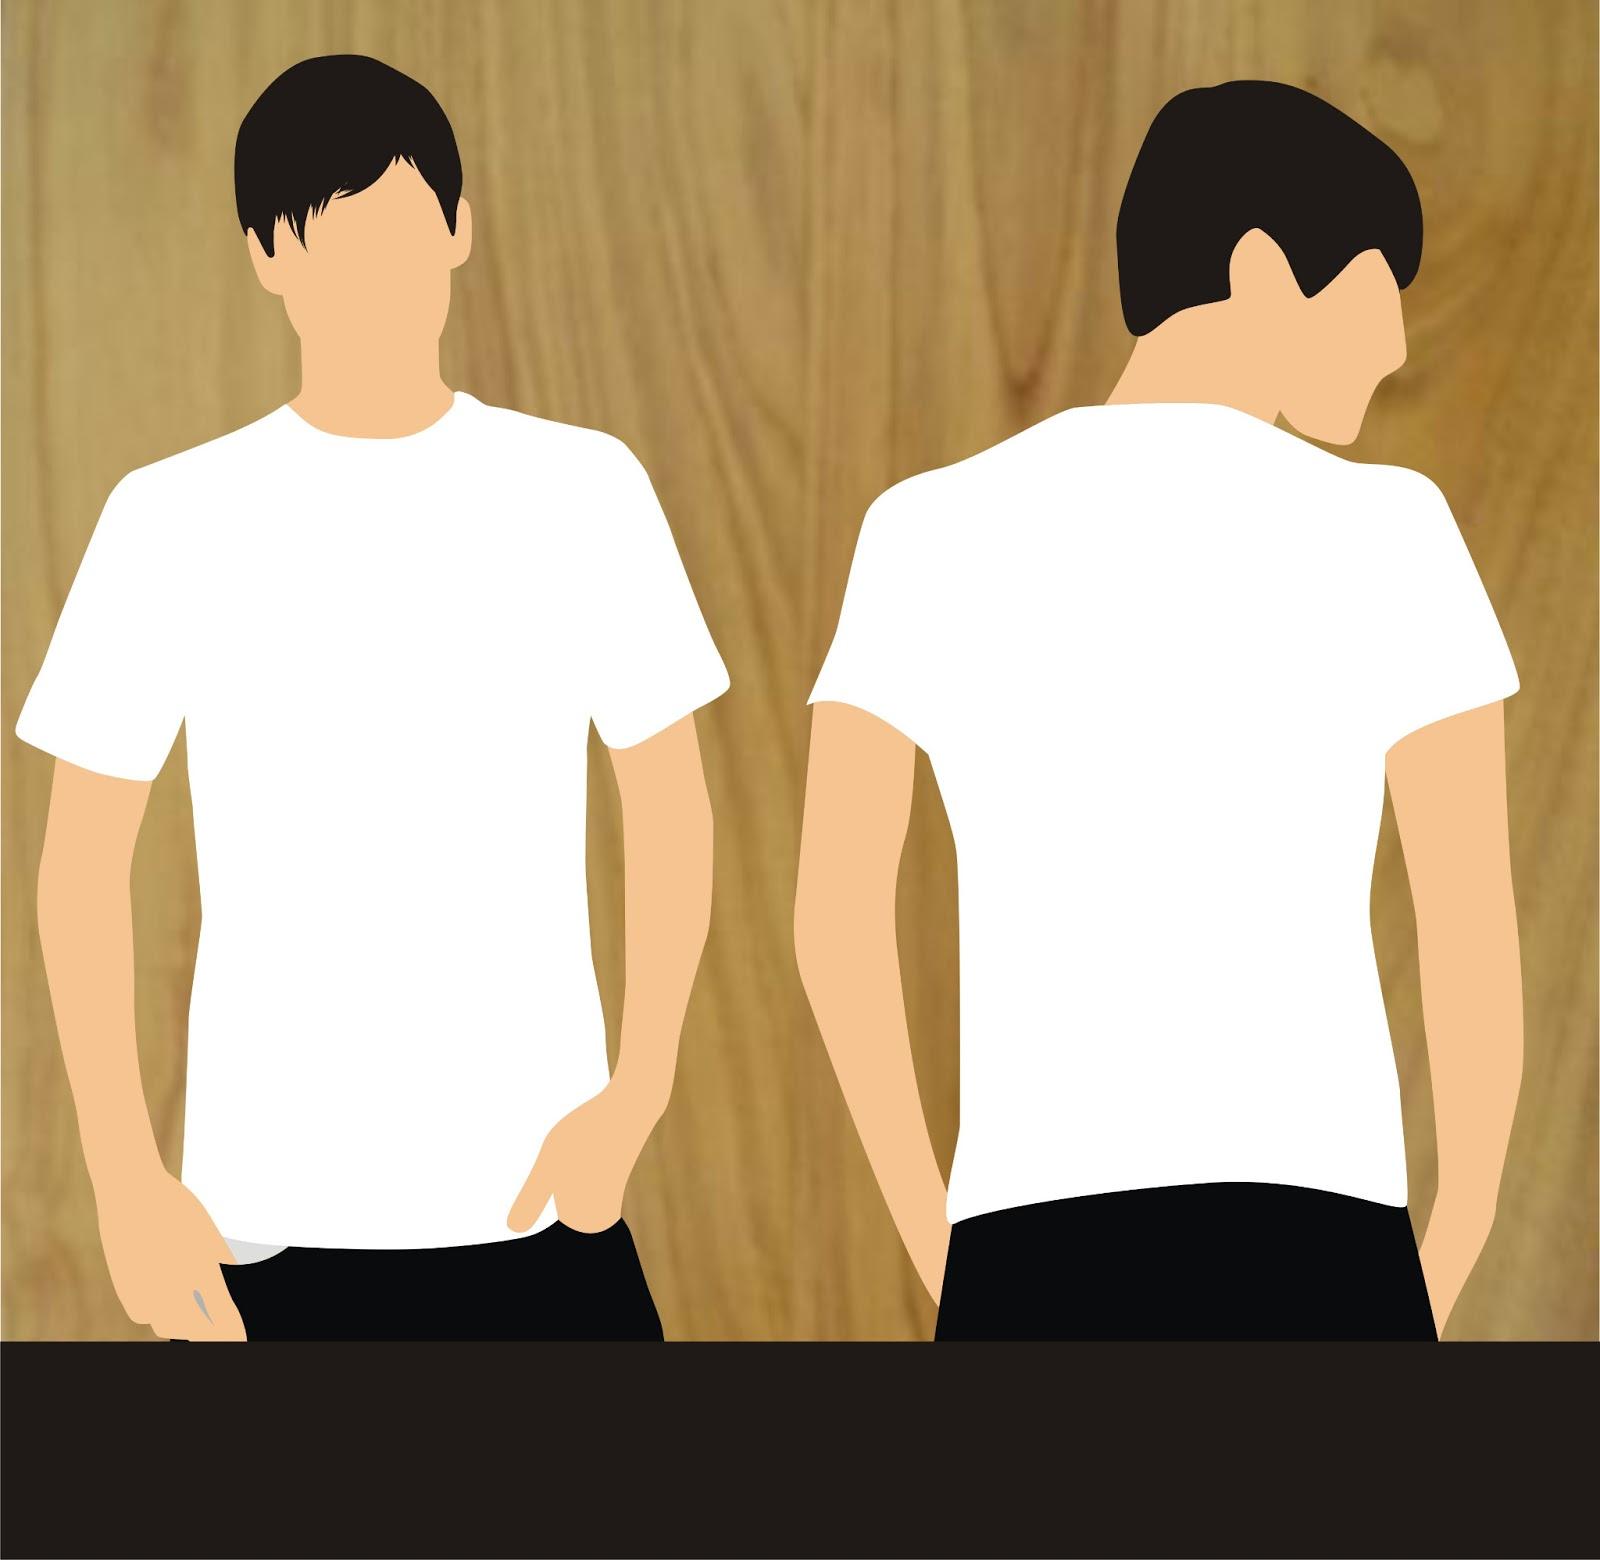 Kaos Polos Putih Gambar Biru Dongker Depan